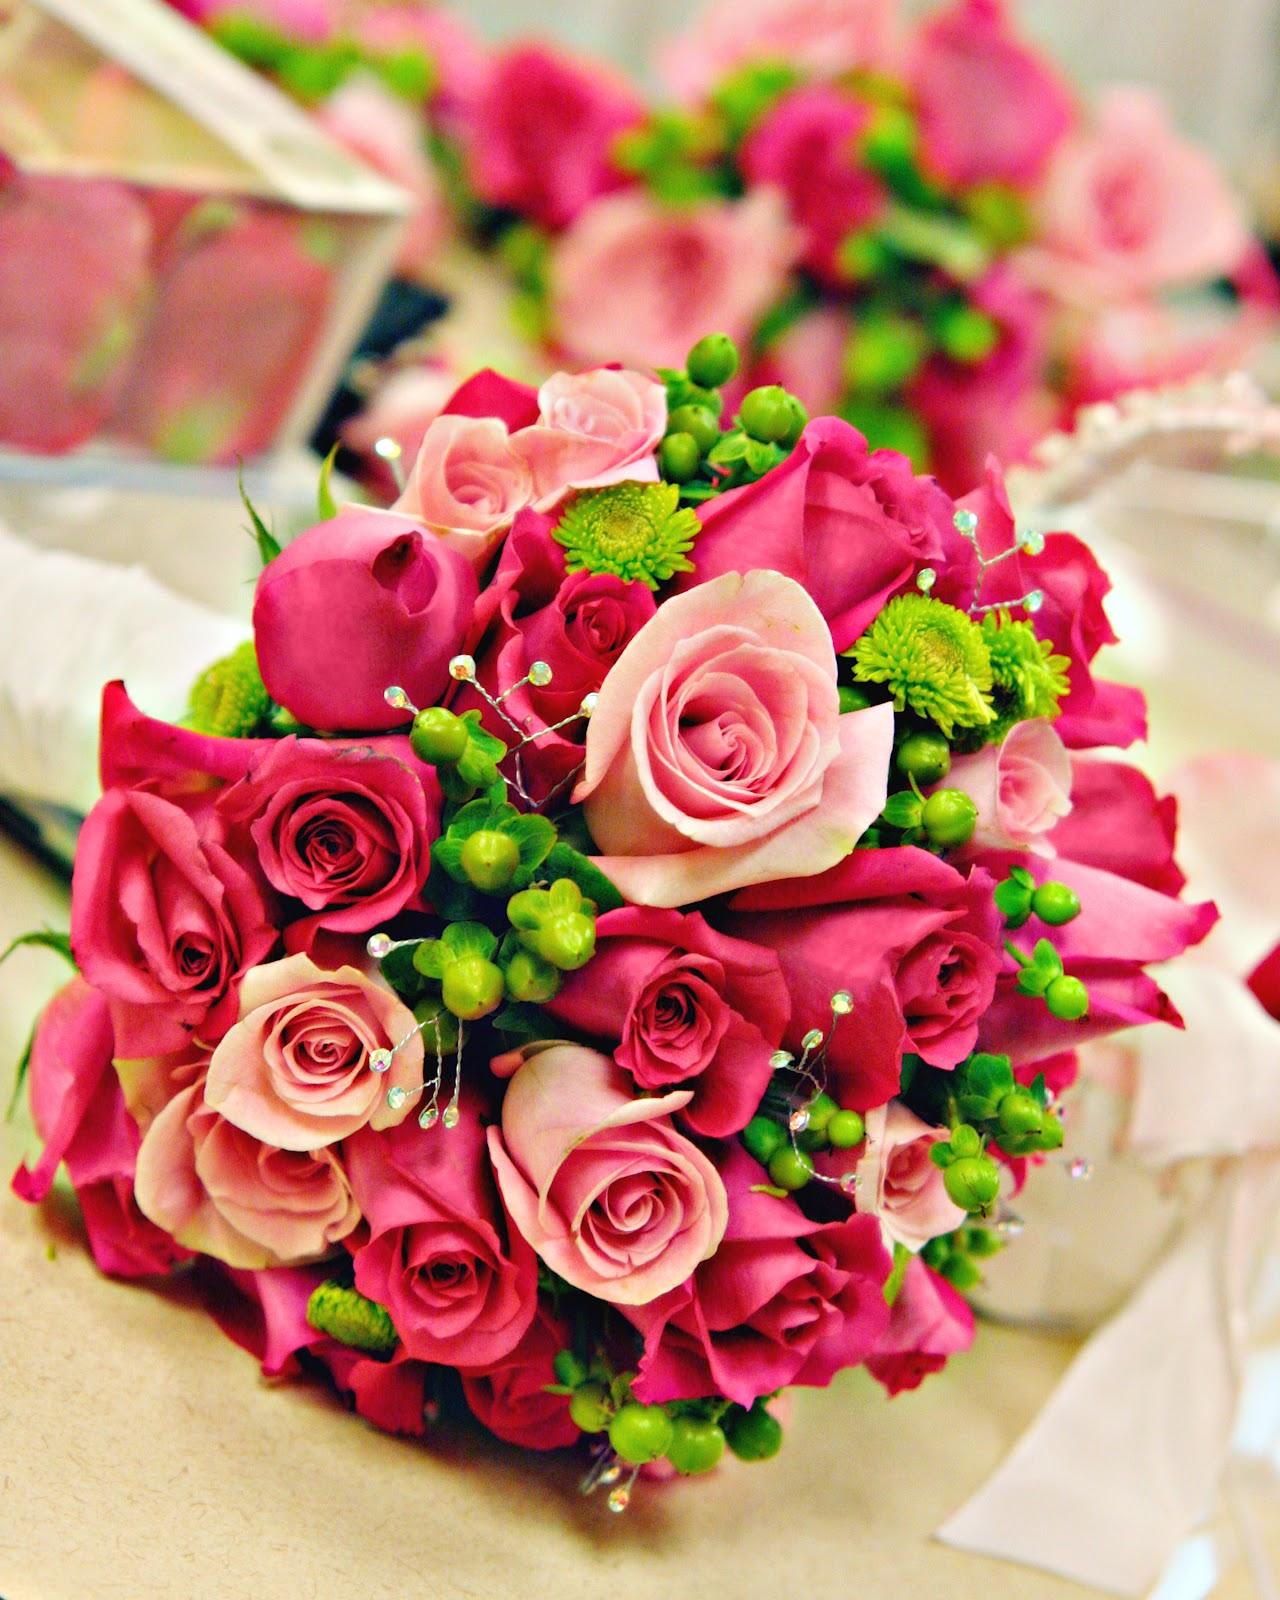 http://2.bp.blogspot.com/-BRCAPZxY99w/T-1DvXhbuAI/AAAAAAAAAMY/QIuFP-KkonE/s1600/ABPD_104-307.jpg